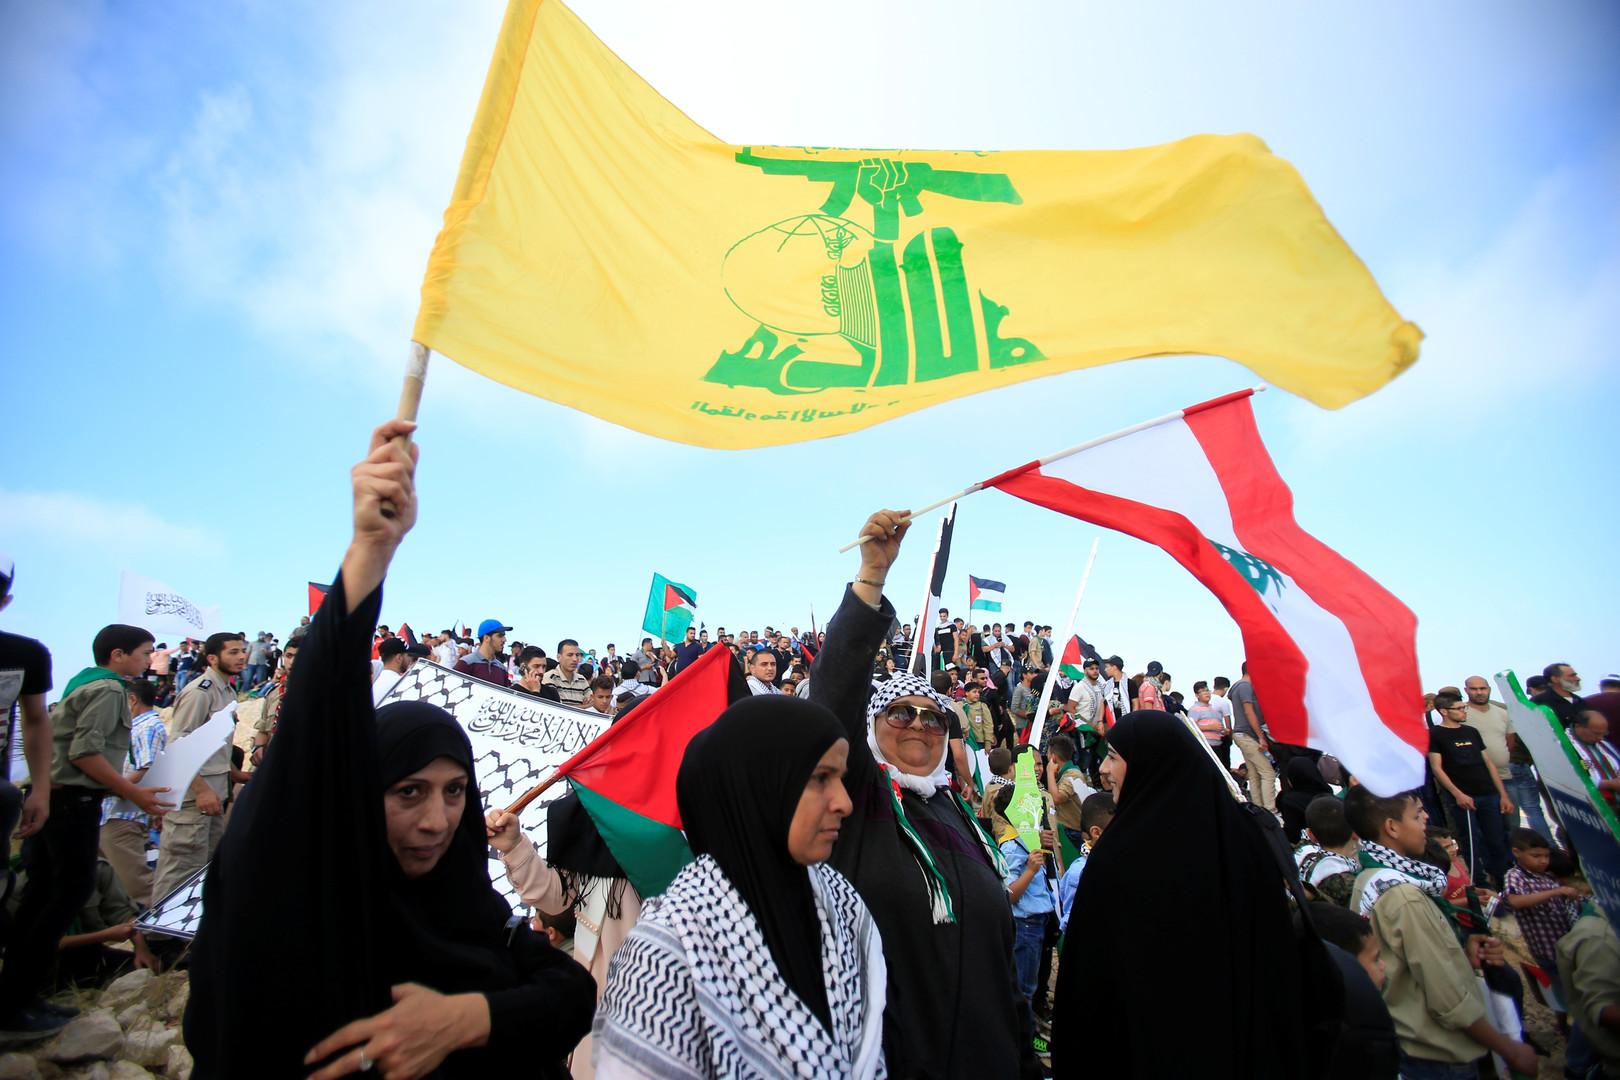 واشنطن تفرض عقوبات على شخصيات بارزة في حزب الله